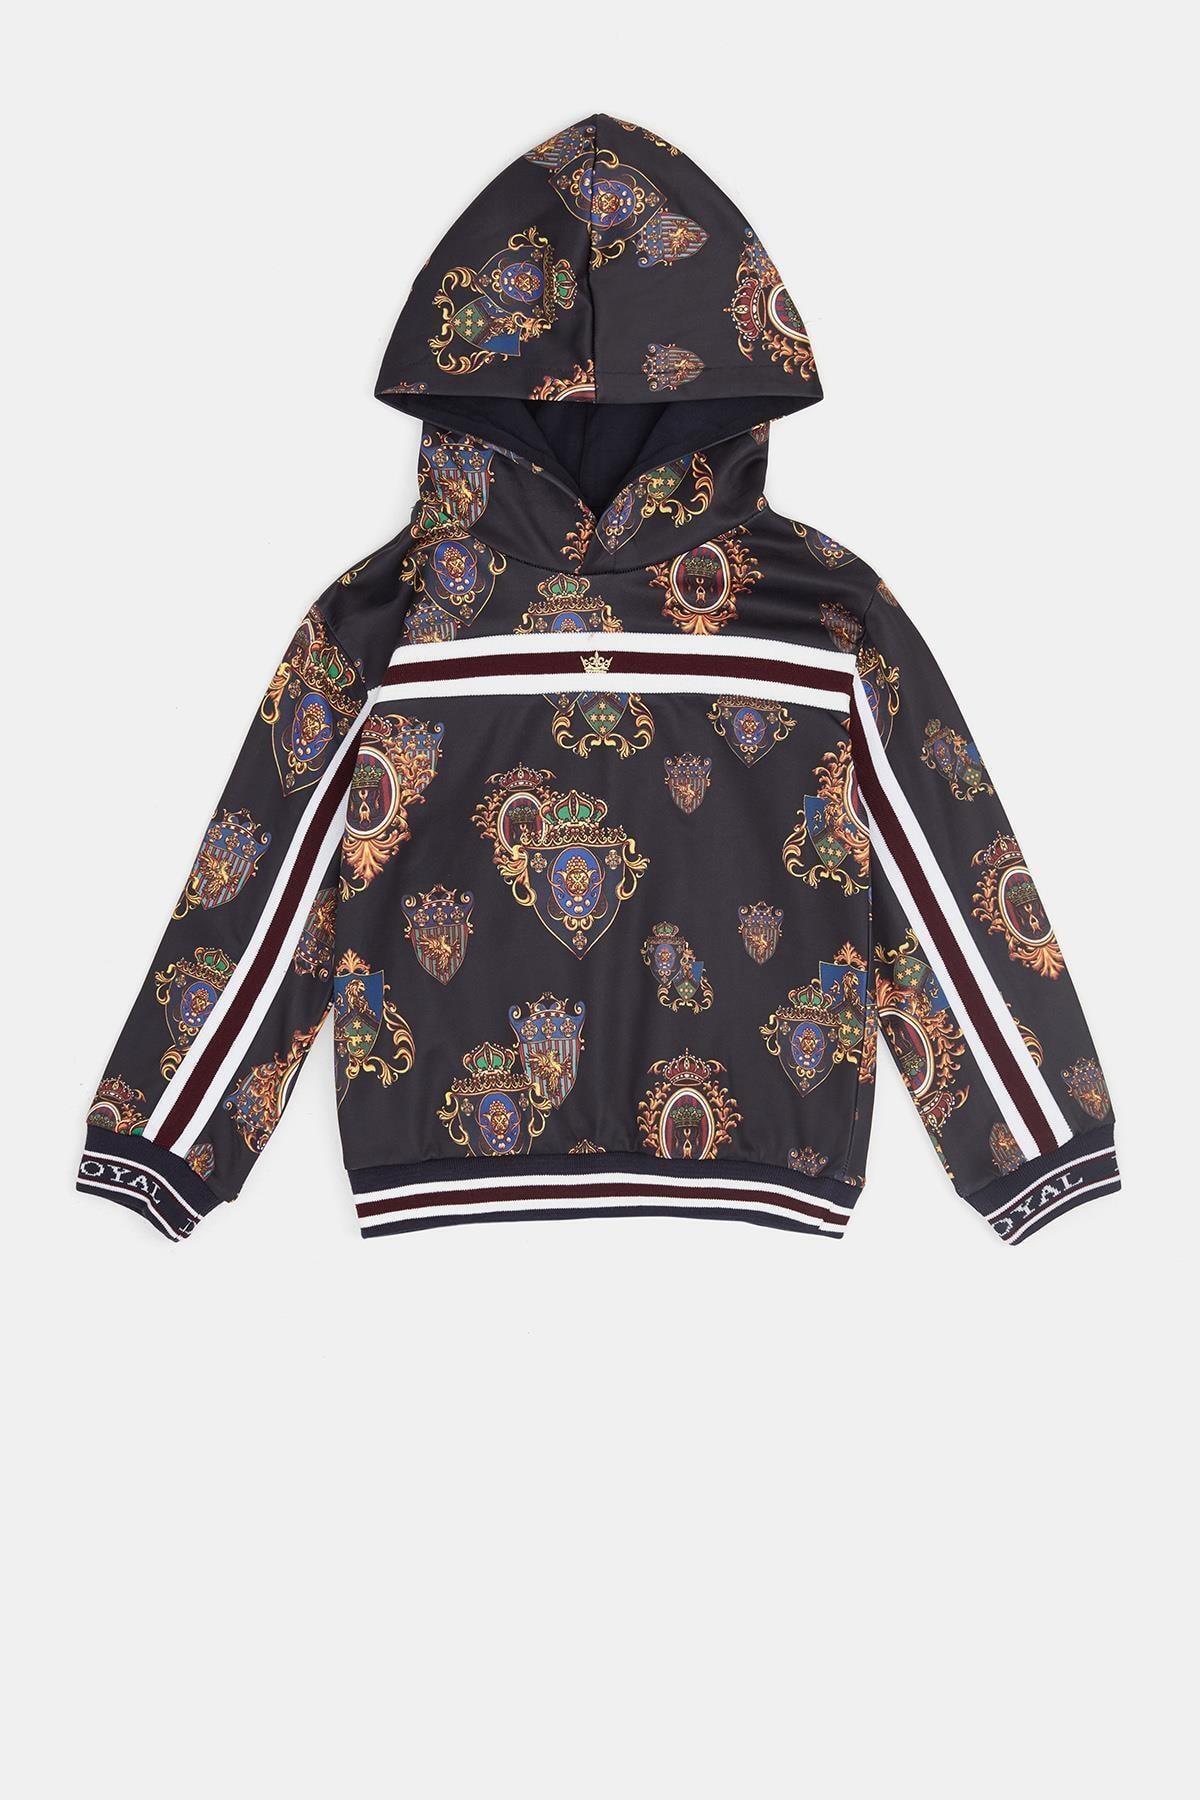 Nebbati Erkek Çocuk Desenli Sweatshirt 1